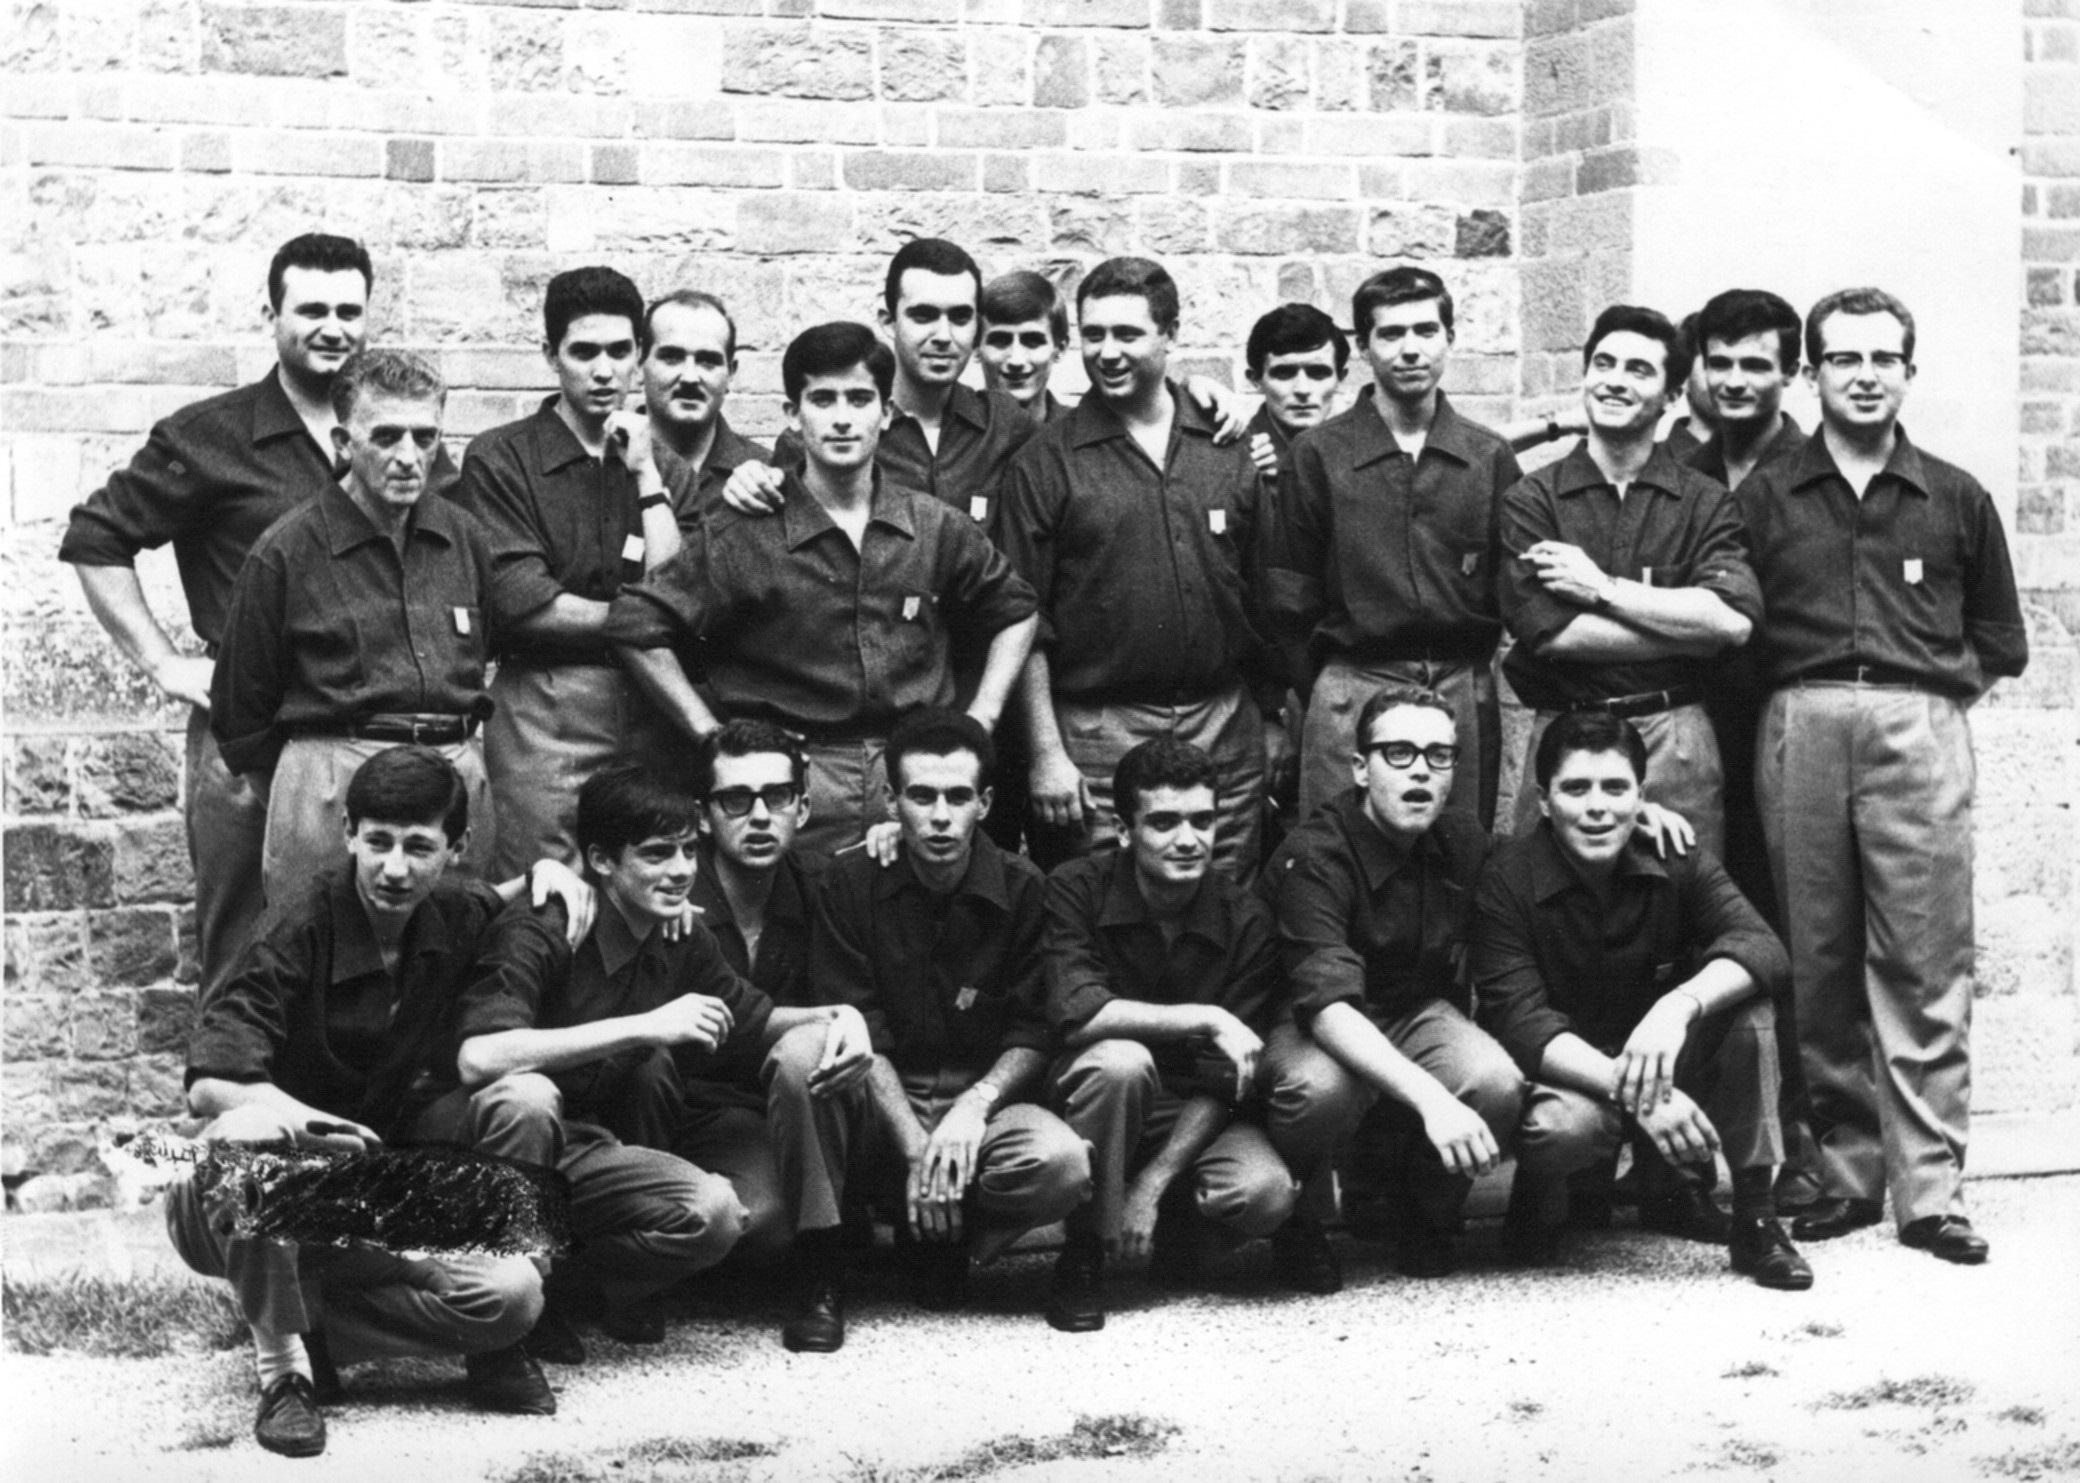 12.09.1965 Concorso di Collecchio (PR)